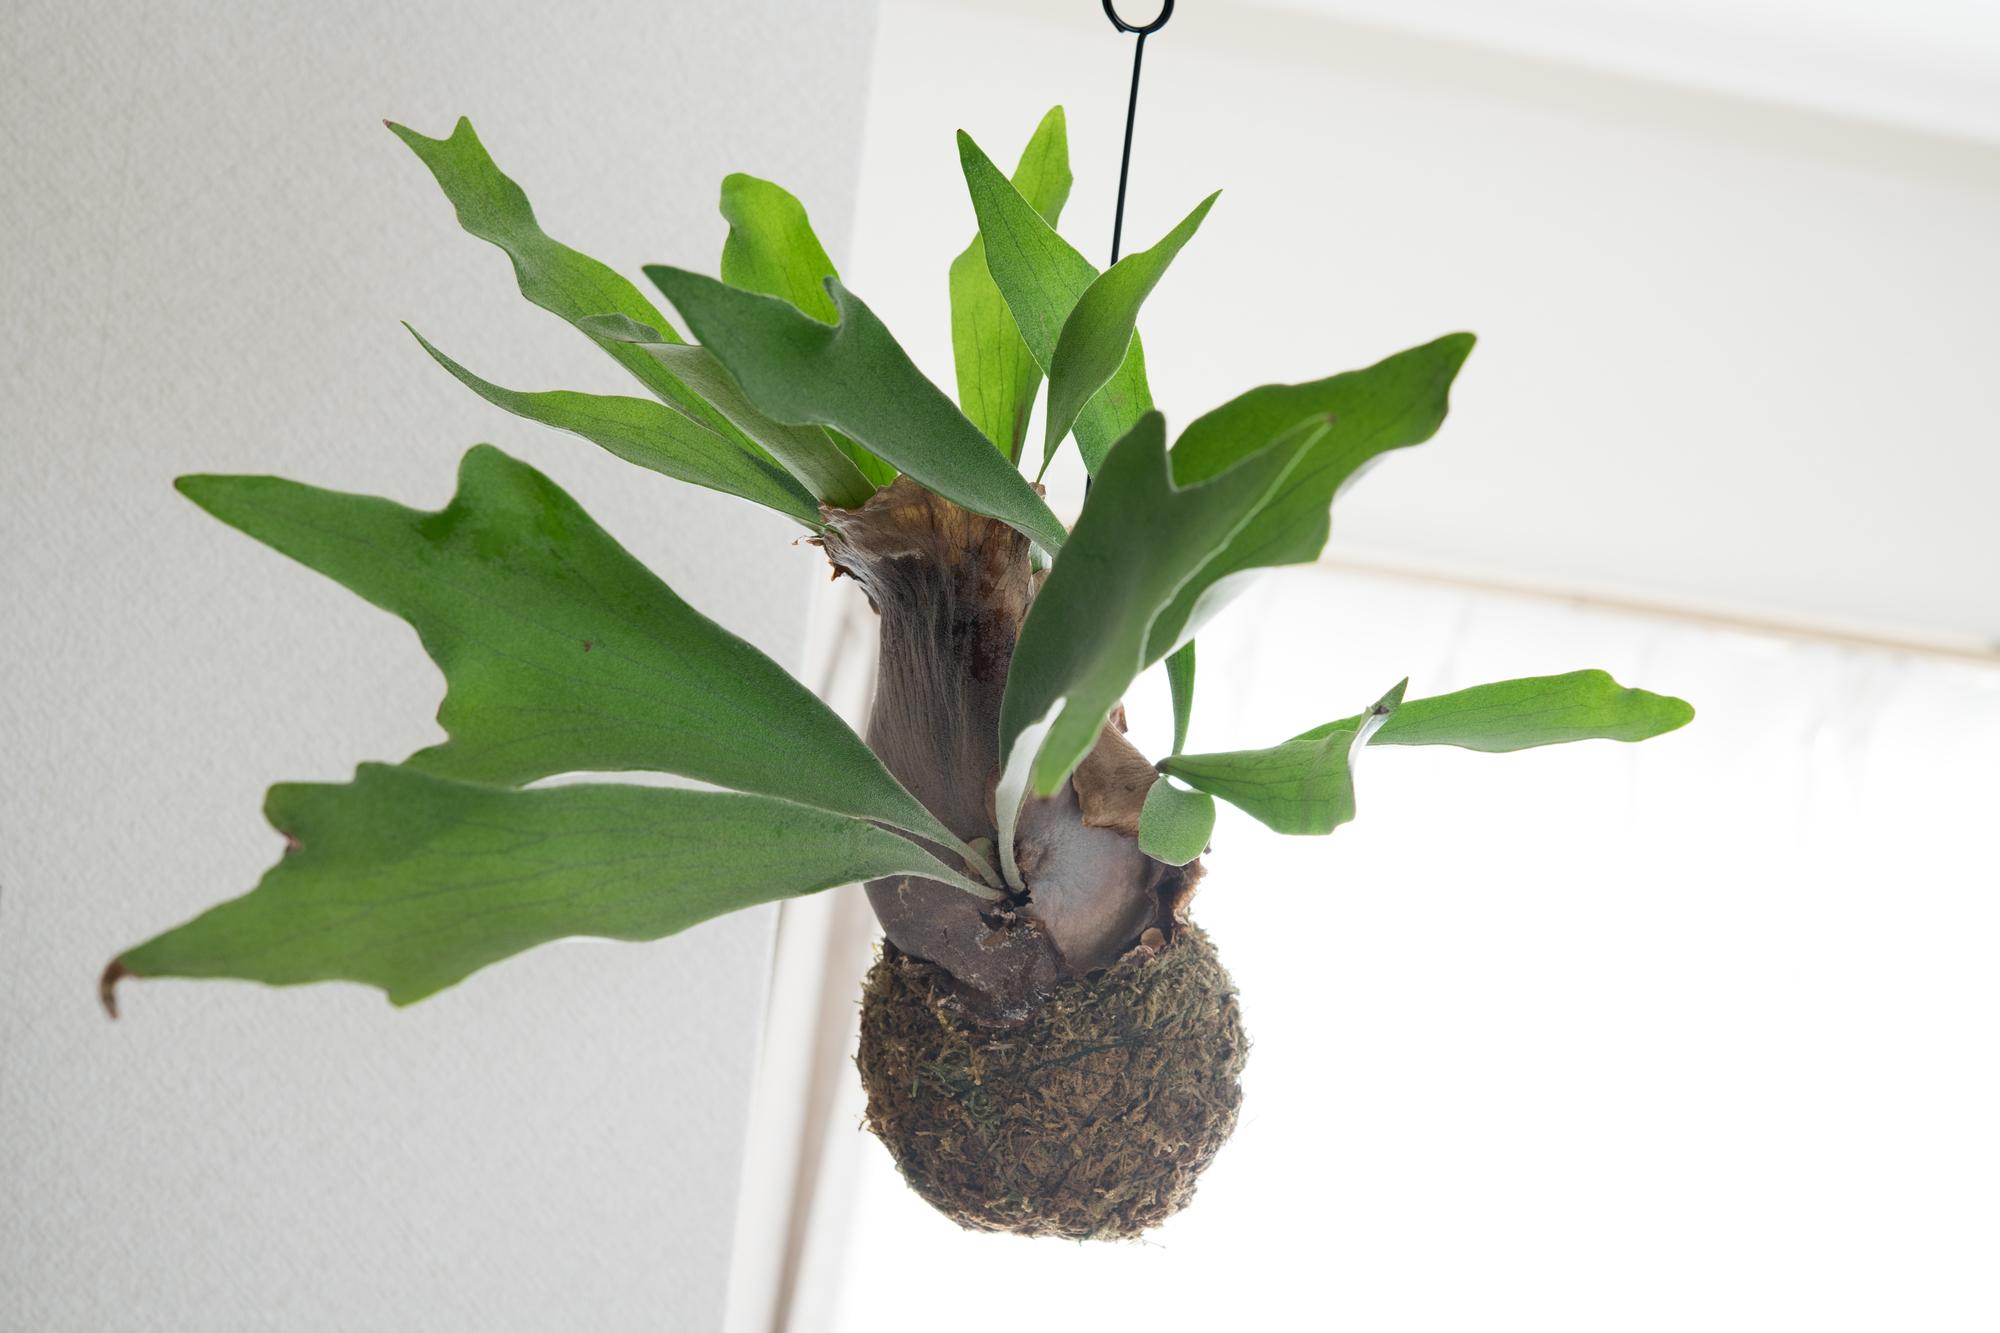 樹木や岩盤に根を張って育つ性質のため、板に張り付けたり吊るして飾るアレンジが可能です。つっぱり棒や、フックを取り付け、吊り下げて飾ると格好良く仕上がりますね。